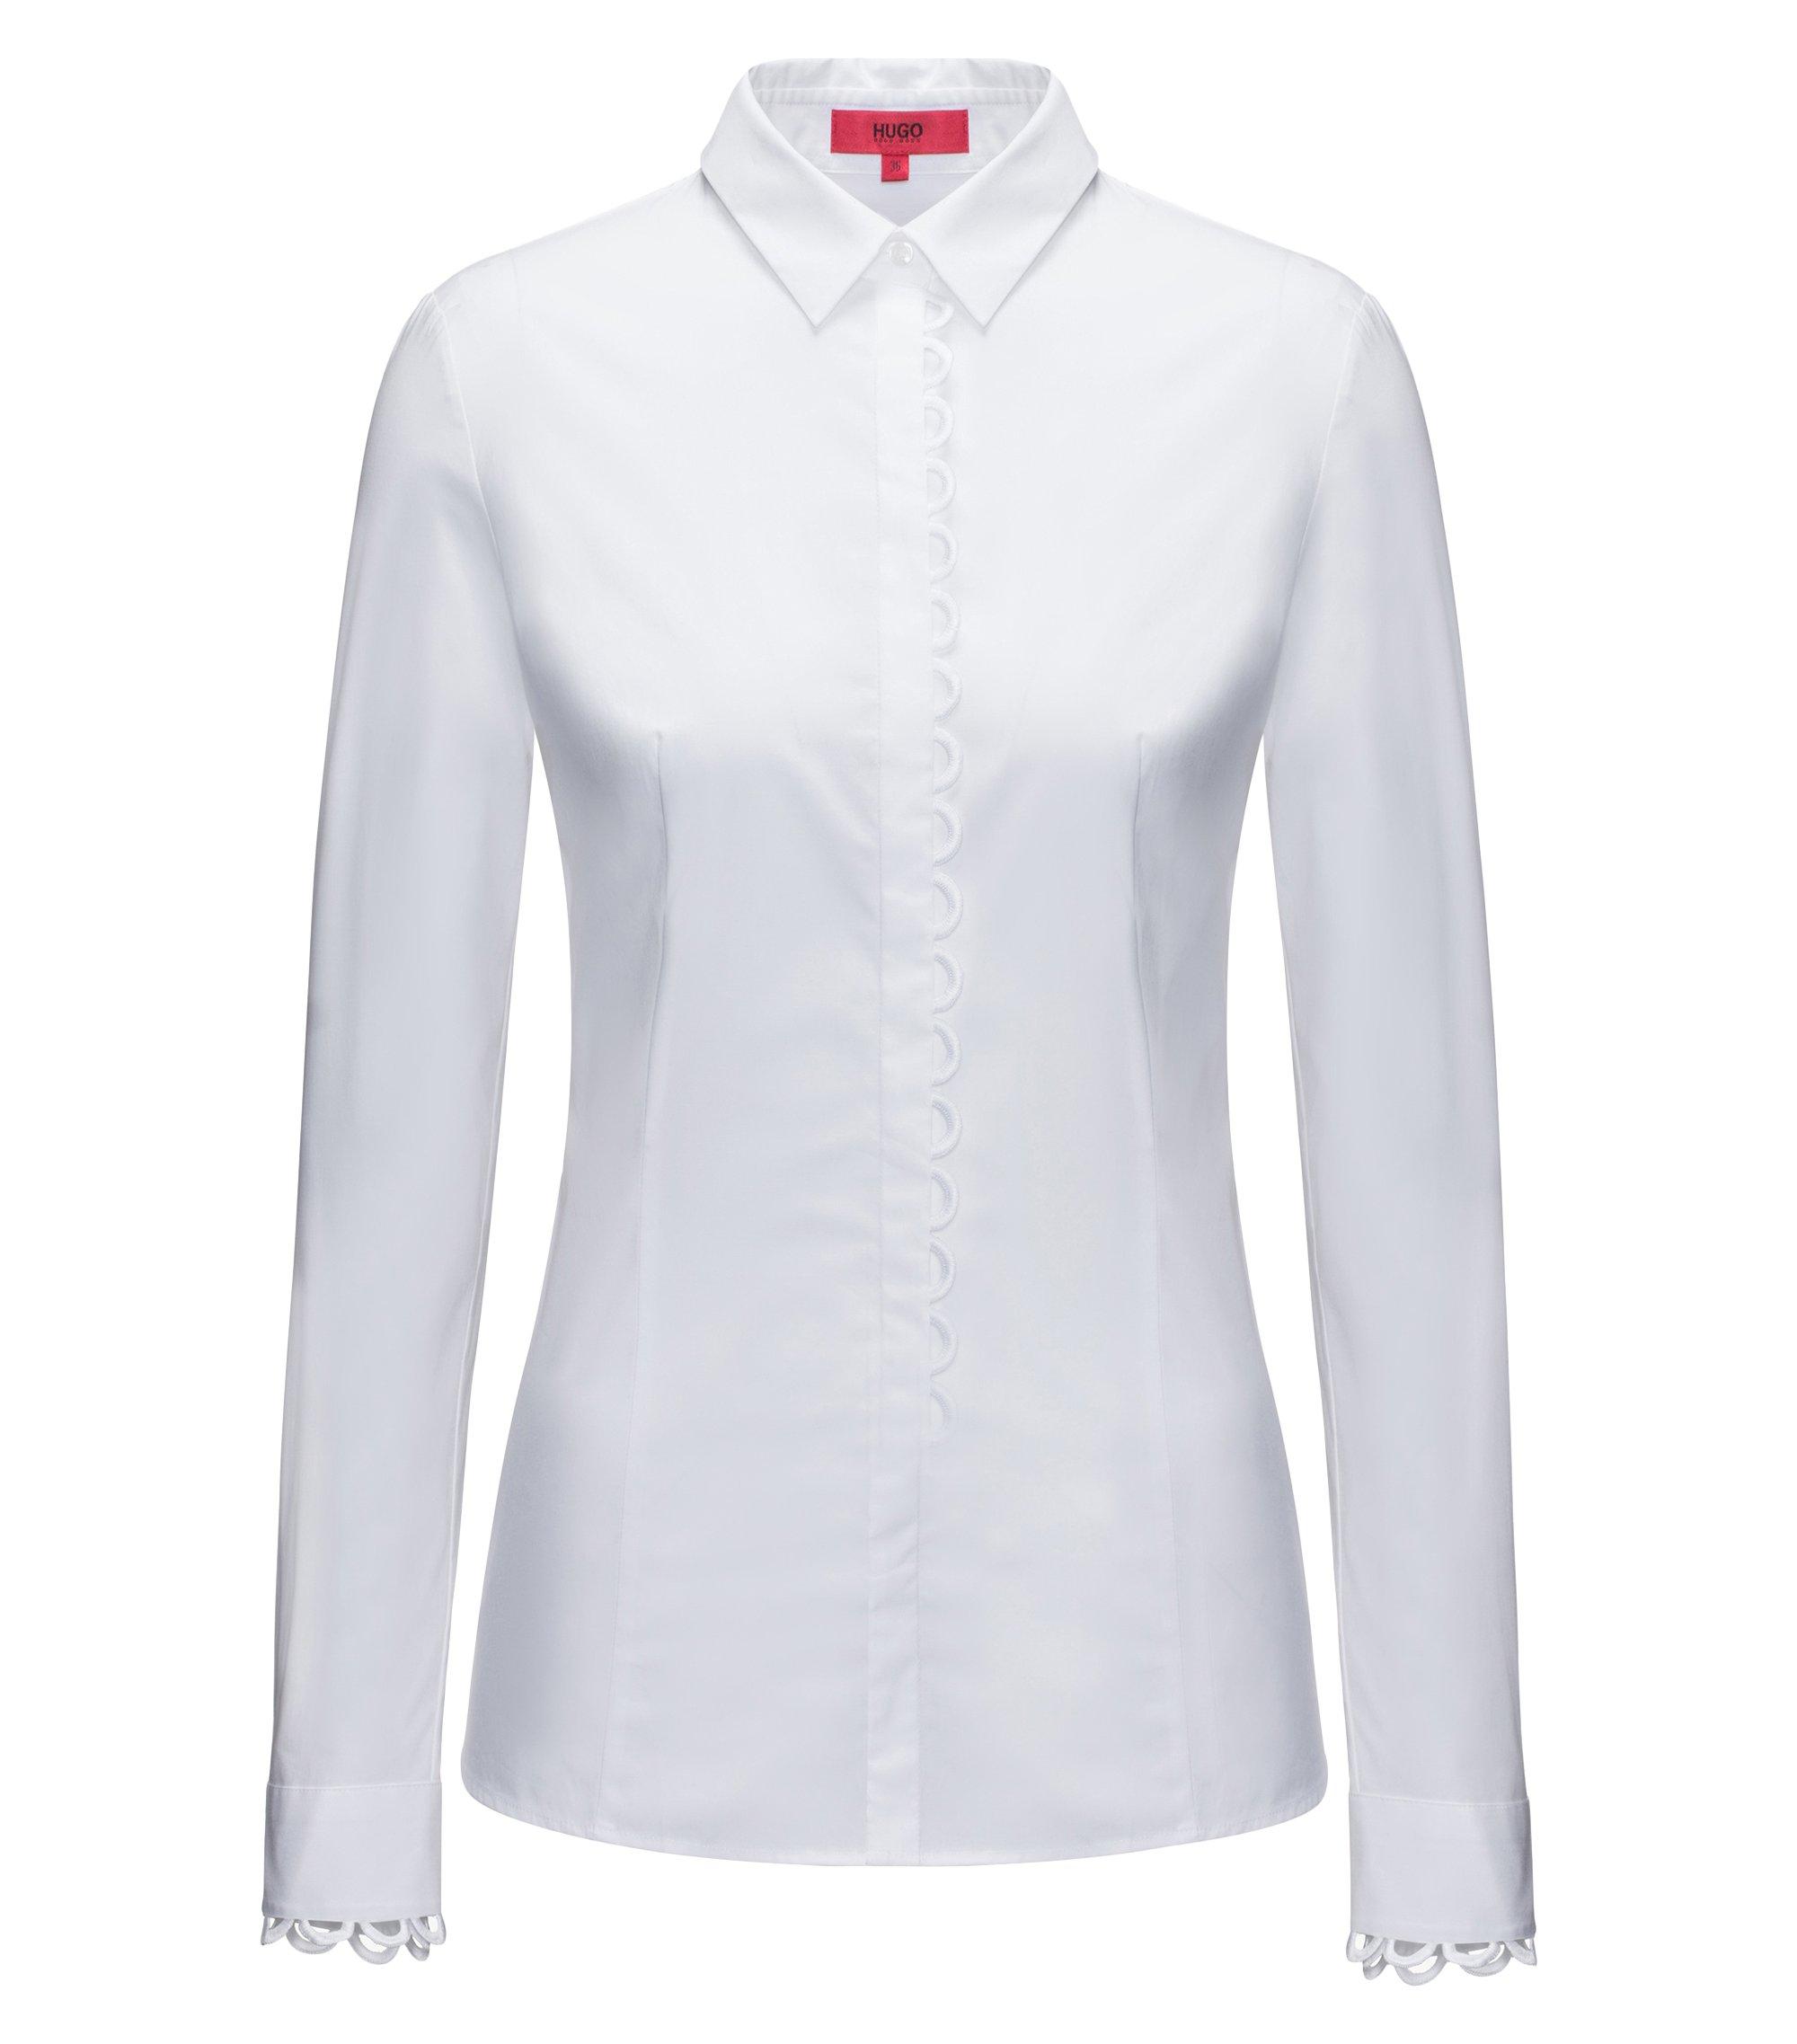 Chemisier Slim Fit en coton stretch avec détails festonnés, Blanc